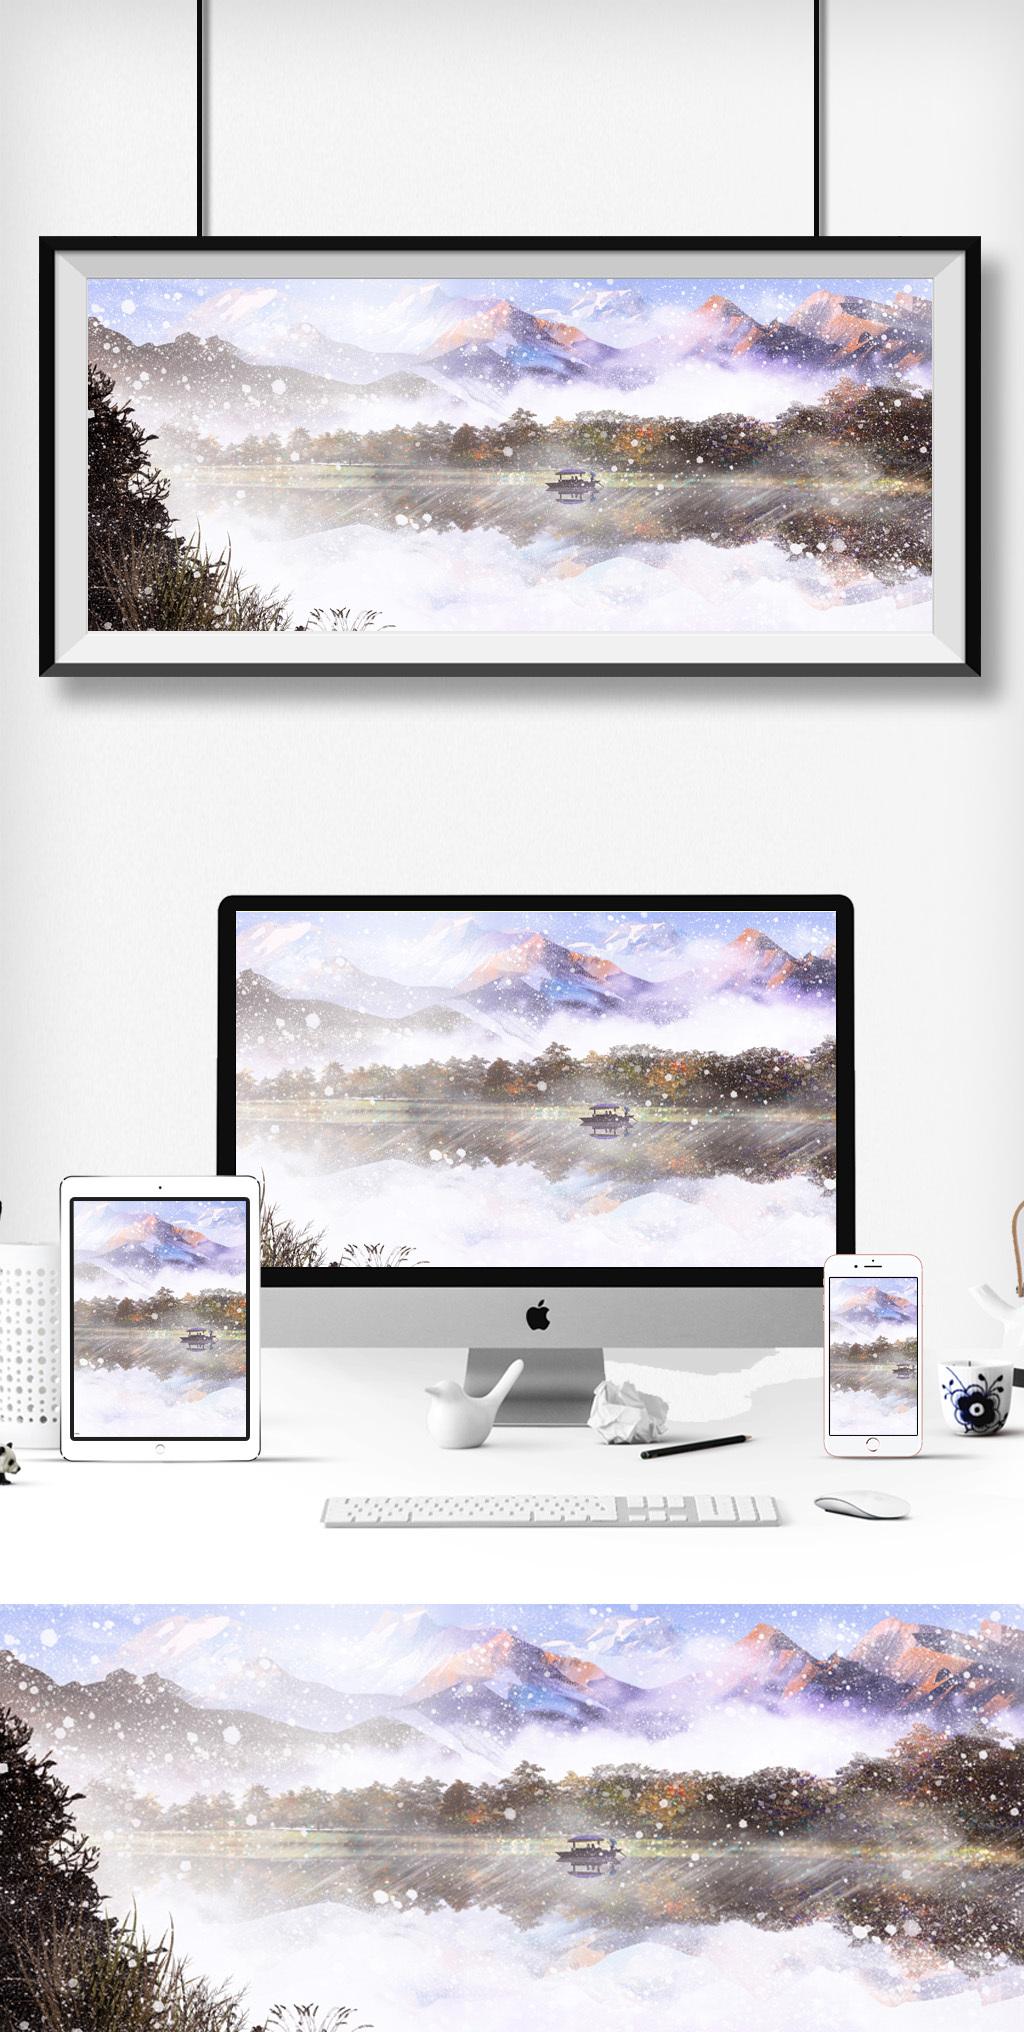 原创设计冬季水墨山水唯美风景插画大寒小寒素材是用户qqe